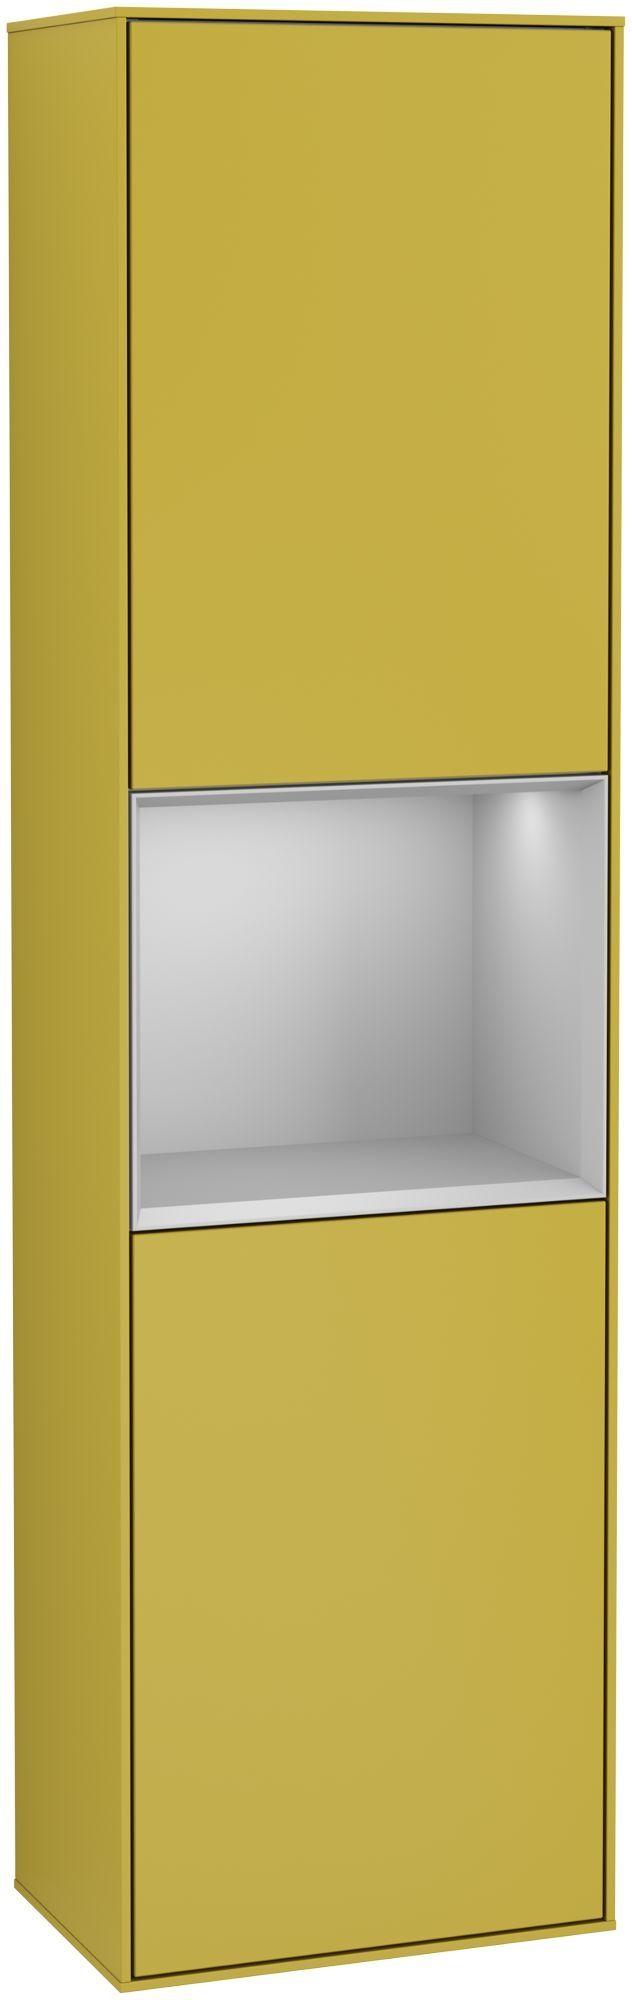 Villeroy & Boch Finion G47 Hochschrank mit Regalelement 2 Türen Anschlag rechts LED-Beleuchtung B:41,8xH:151,6xT:27cm Front, Korpus: Sun, Regal: Light Grey Matt G470GJHE